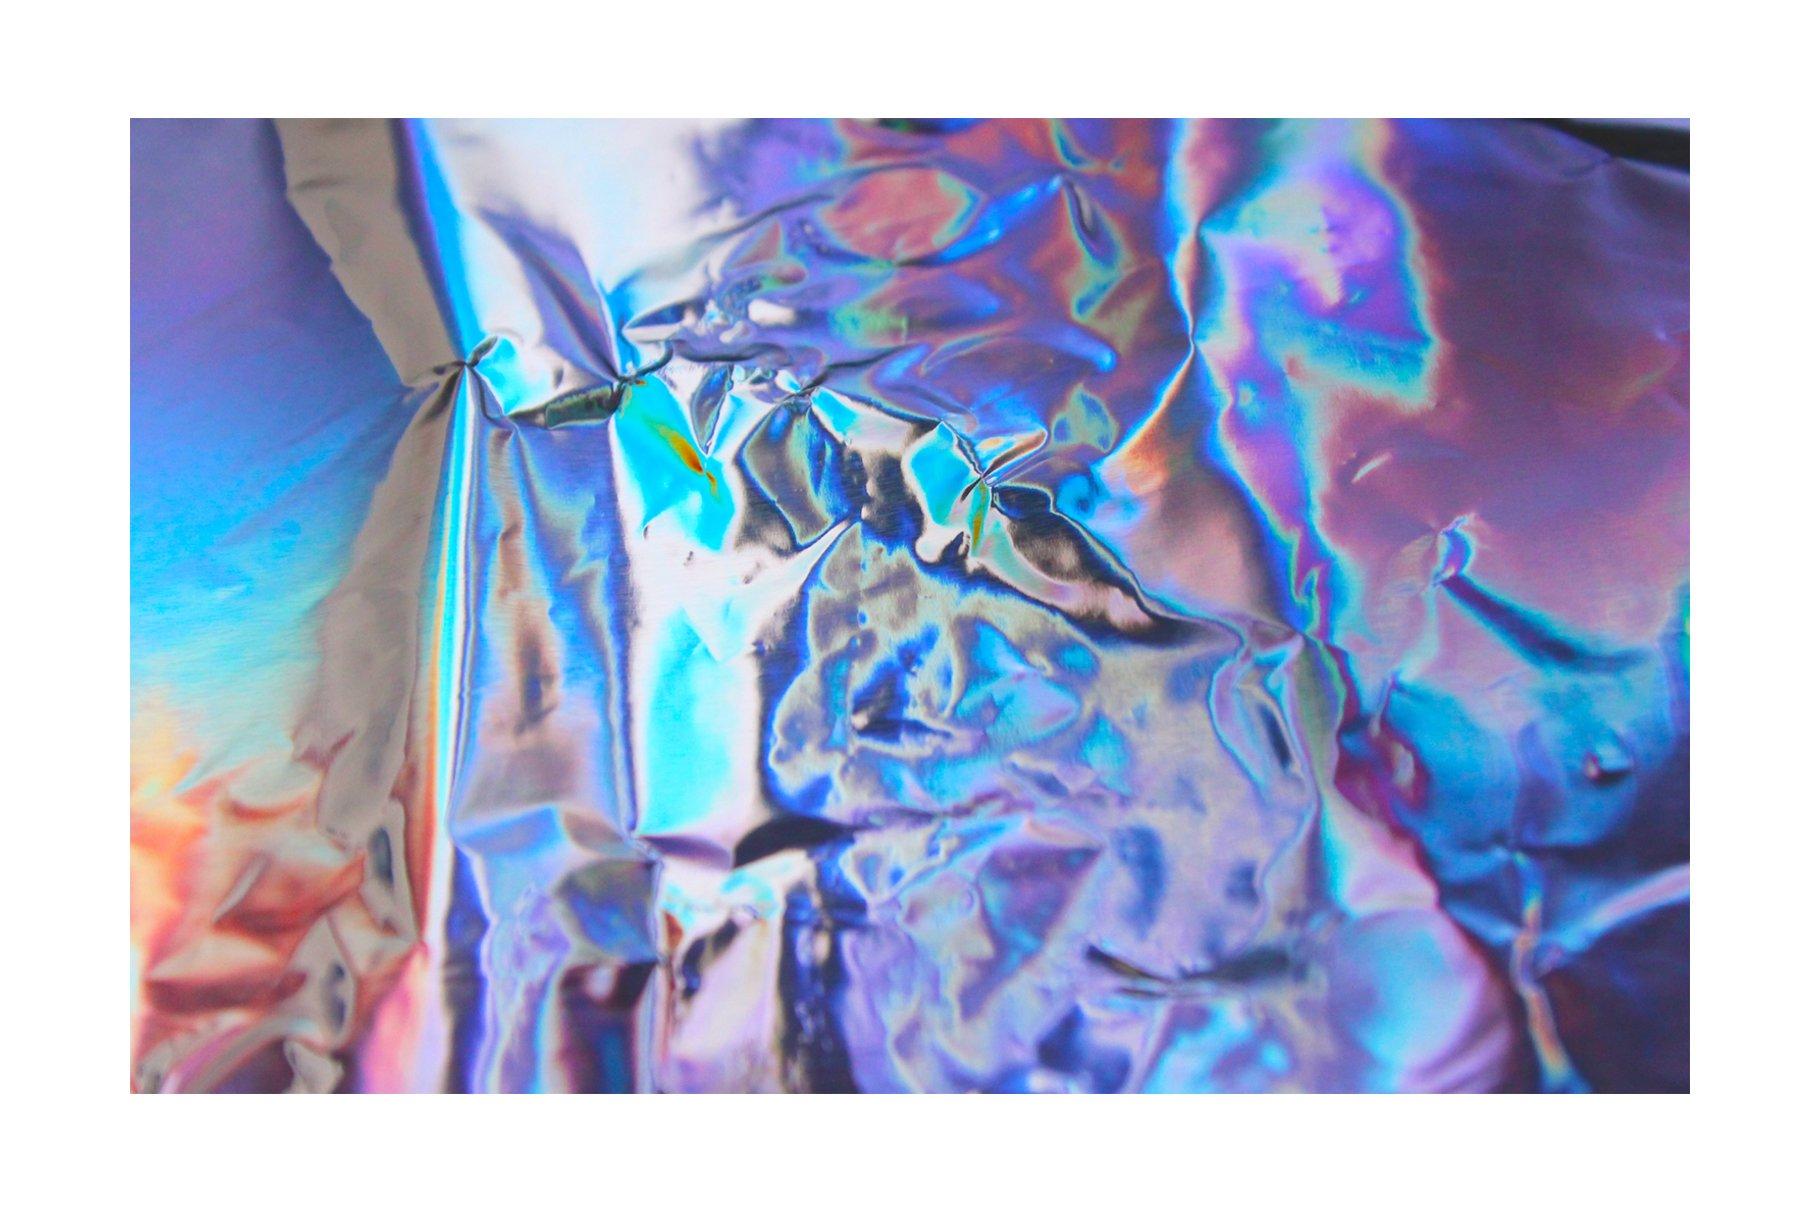 [淘宝购买] 90款潮流炫彩全息镭射金属箔纸海报设计肌理纹理背景图片设计素材 90 Holographic Foil Textures插图8